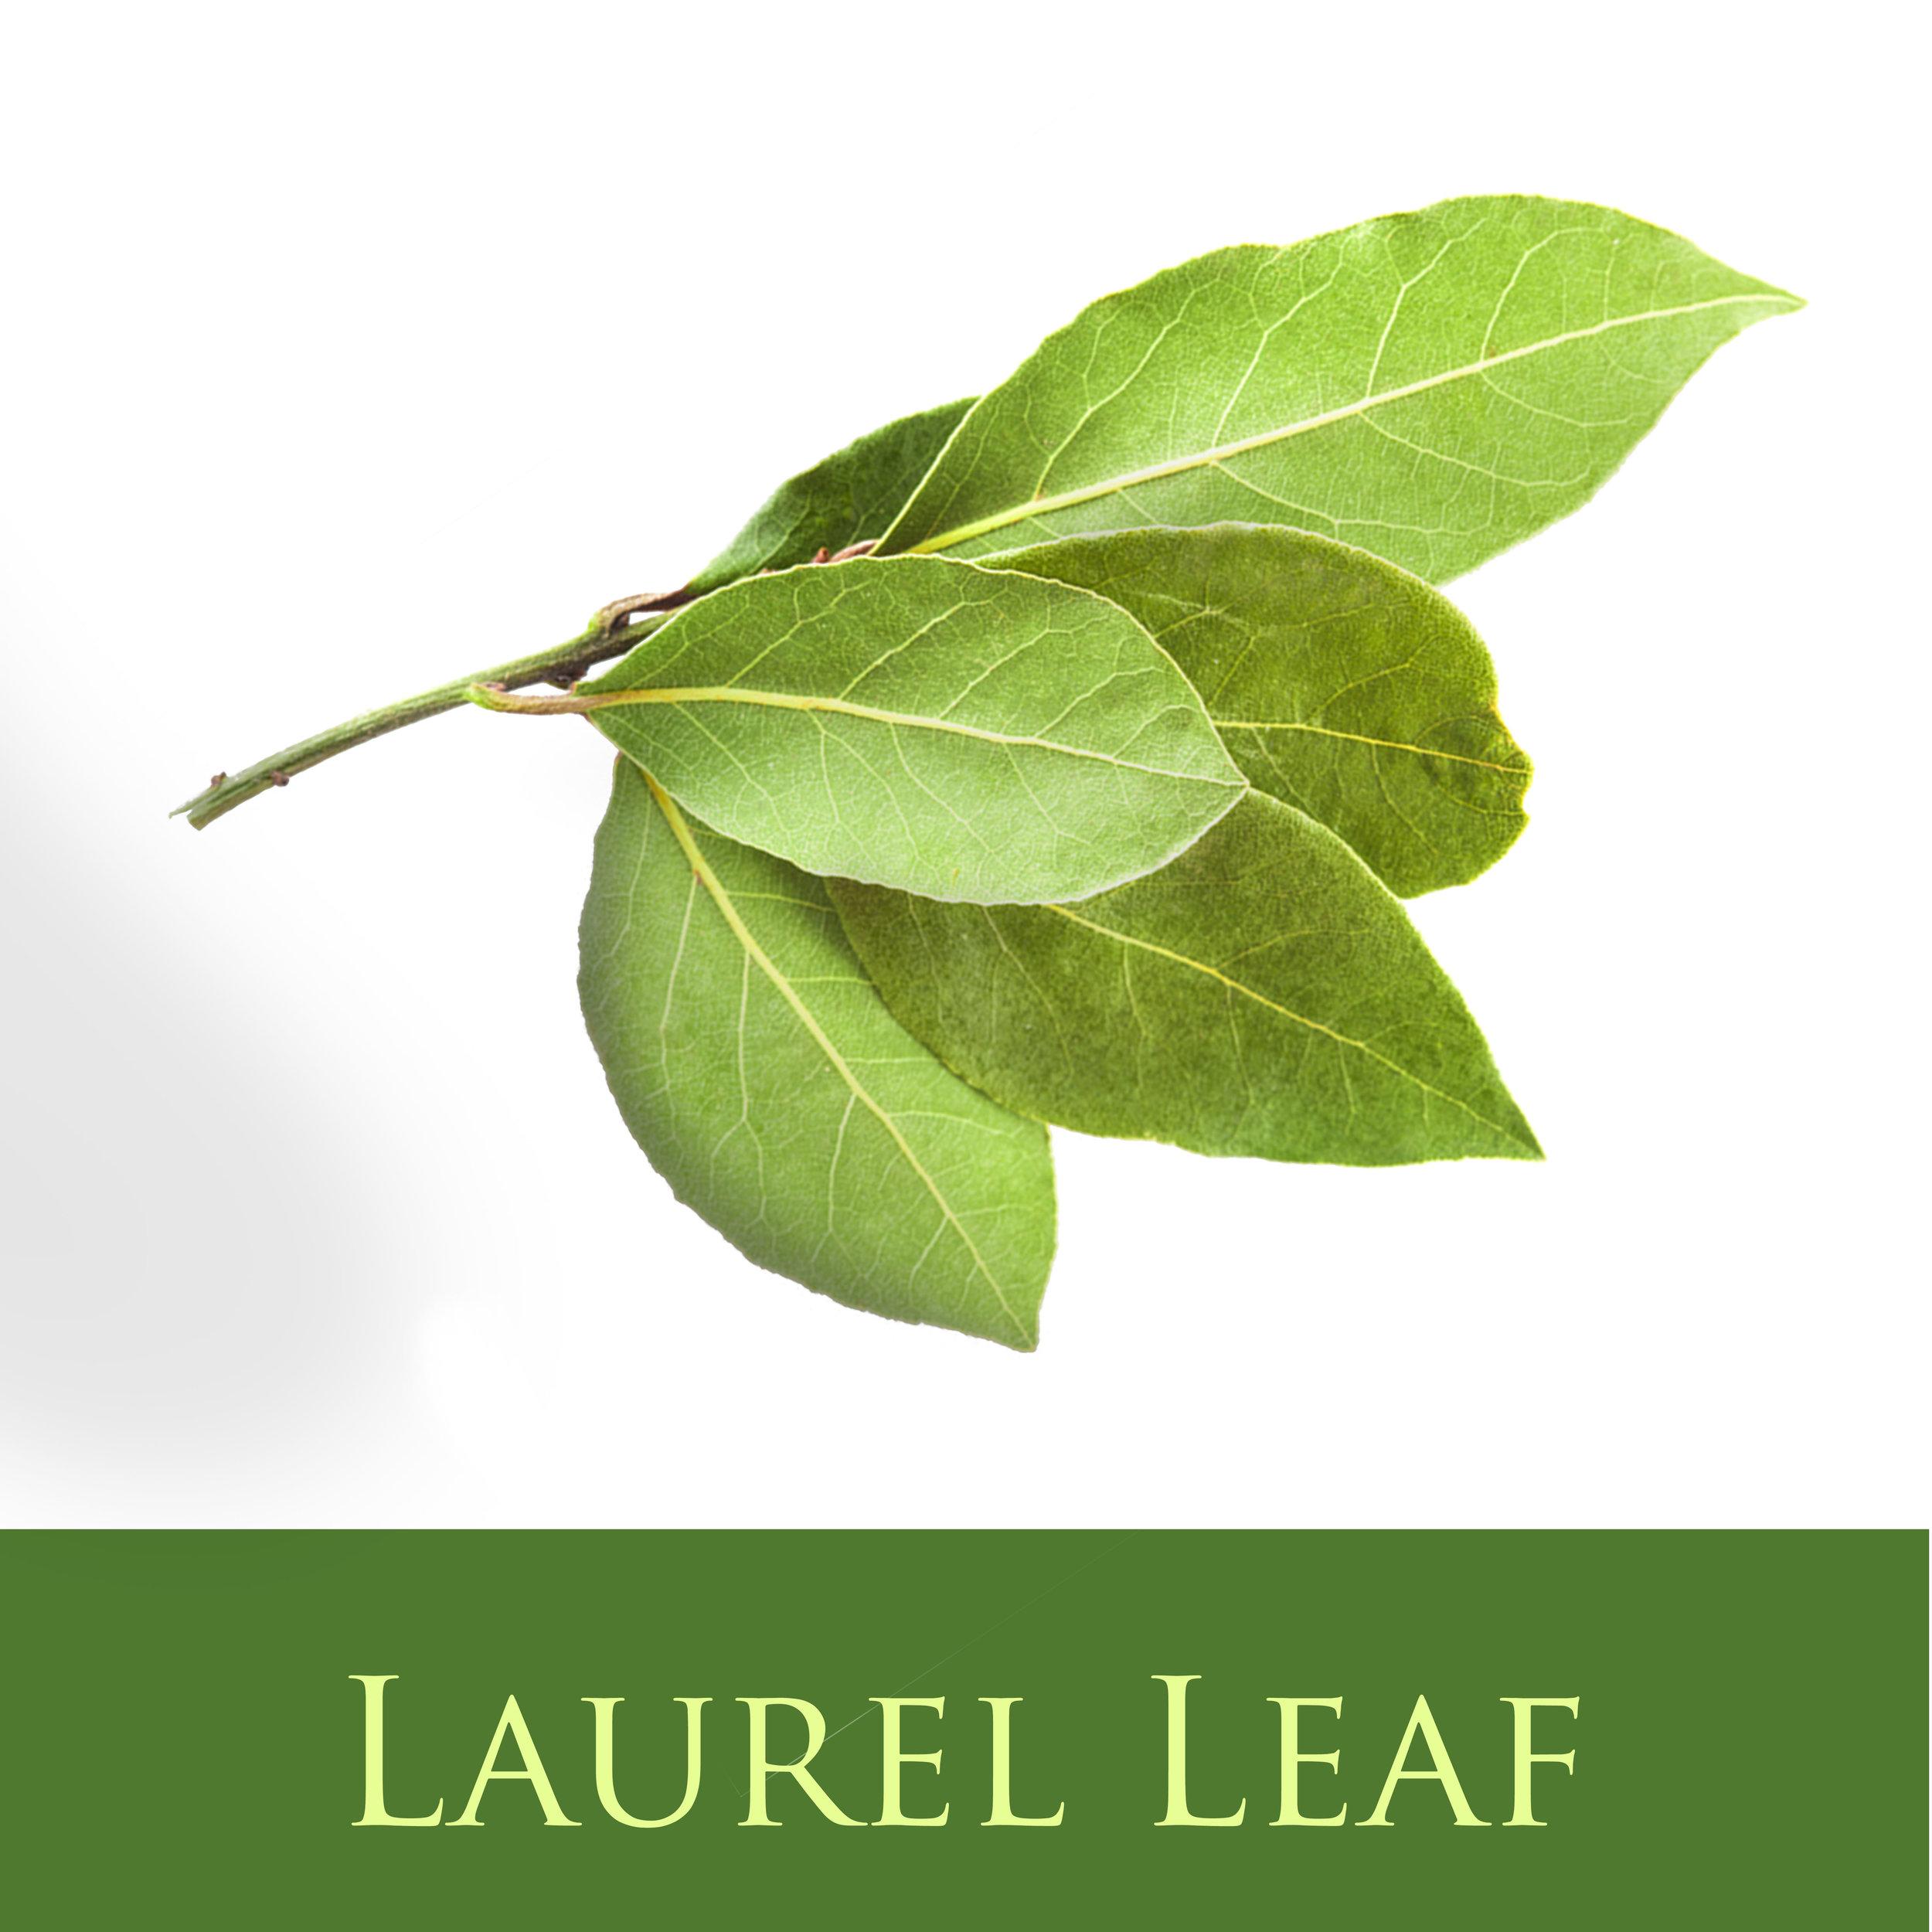 Laurel Leaf.jpg